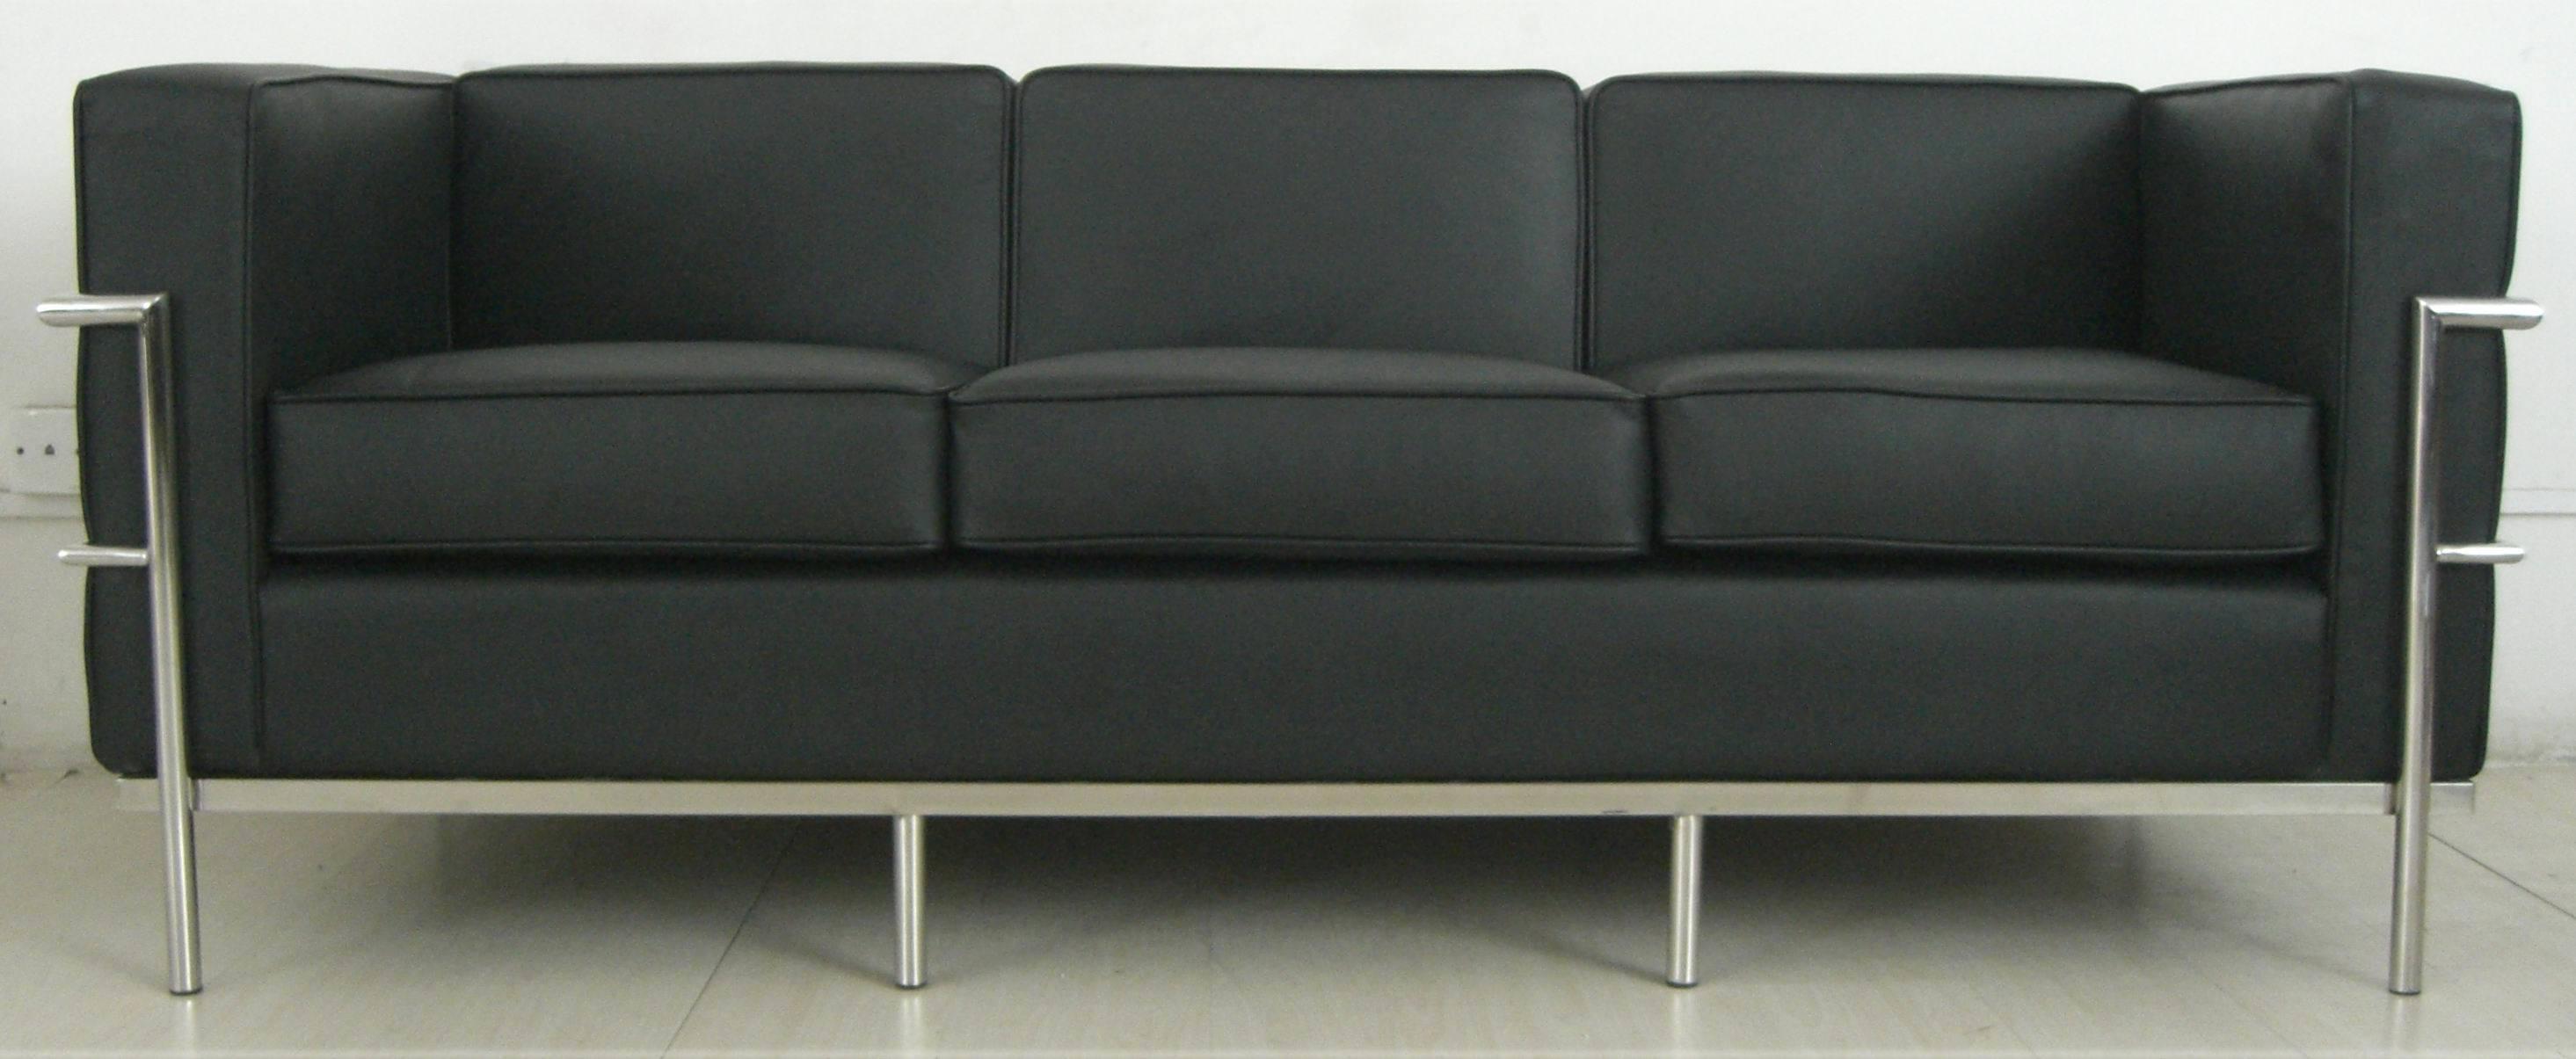 le corbusier sofa lc2 le corbusier sofa lc2 foshan gbg furniture co. Black Bedroom Furniture Sets. Home Design Ideas